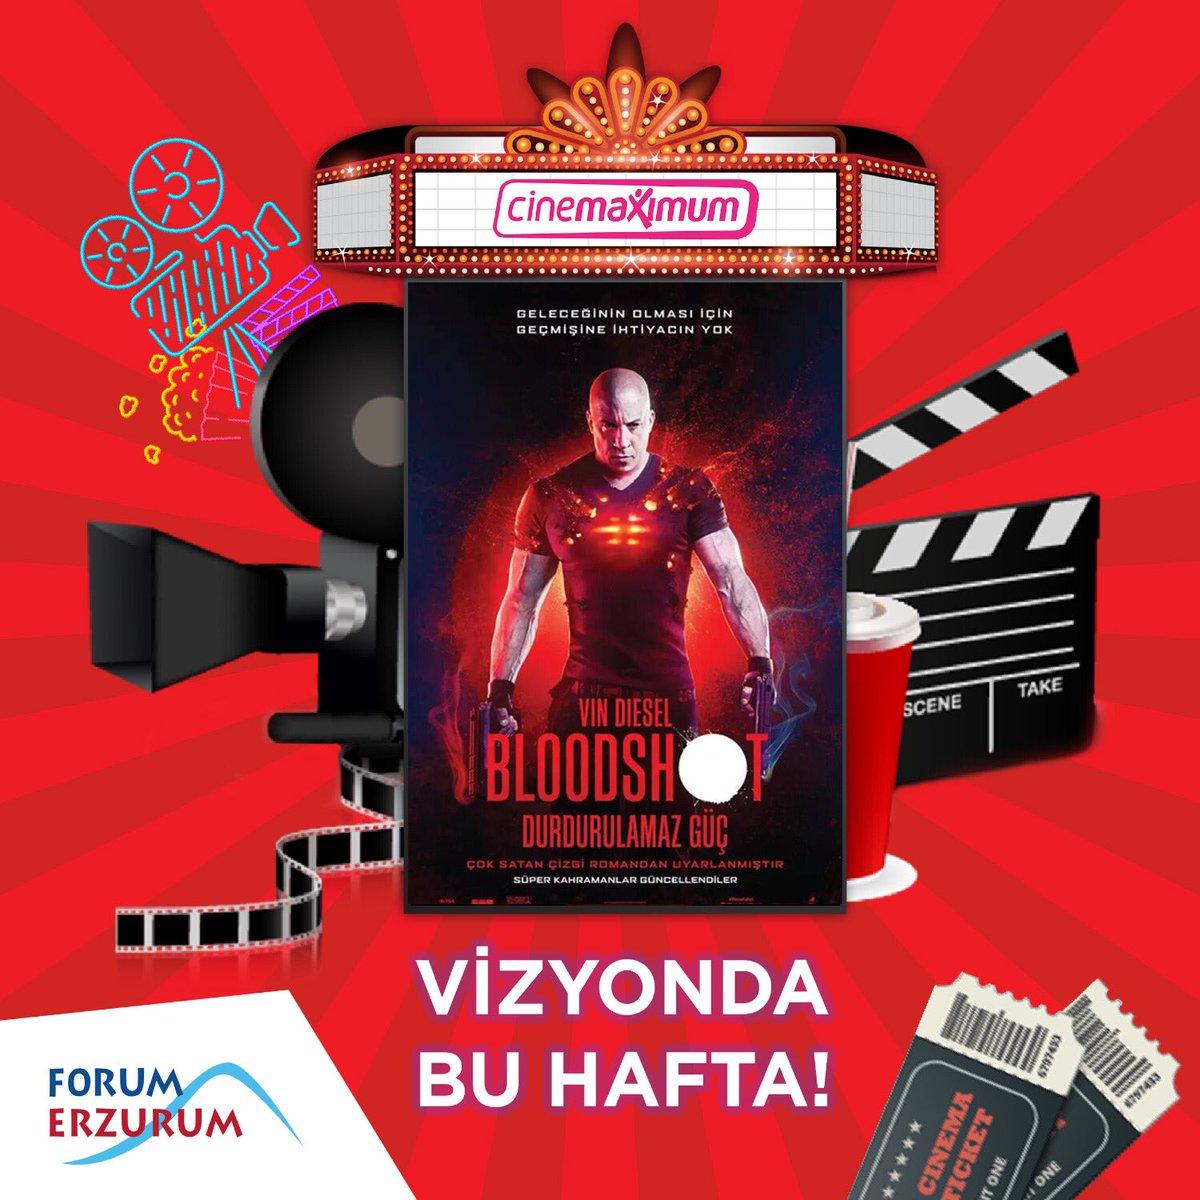 Forum Erzurum Cinemaximum ile mutlu bir hafta sonu dileriz! 🎞📽 https://t.co/dytMksqvIG